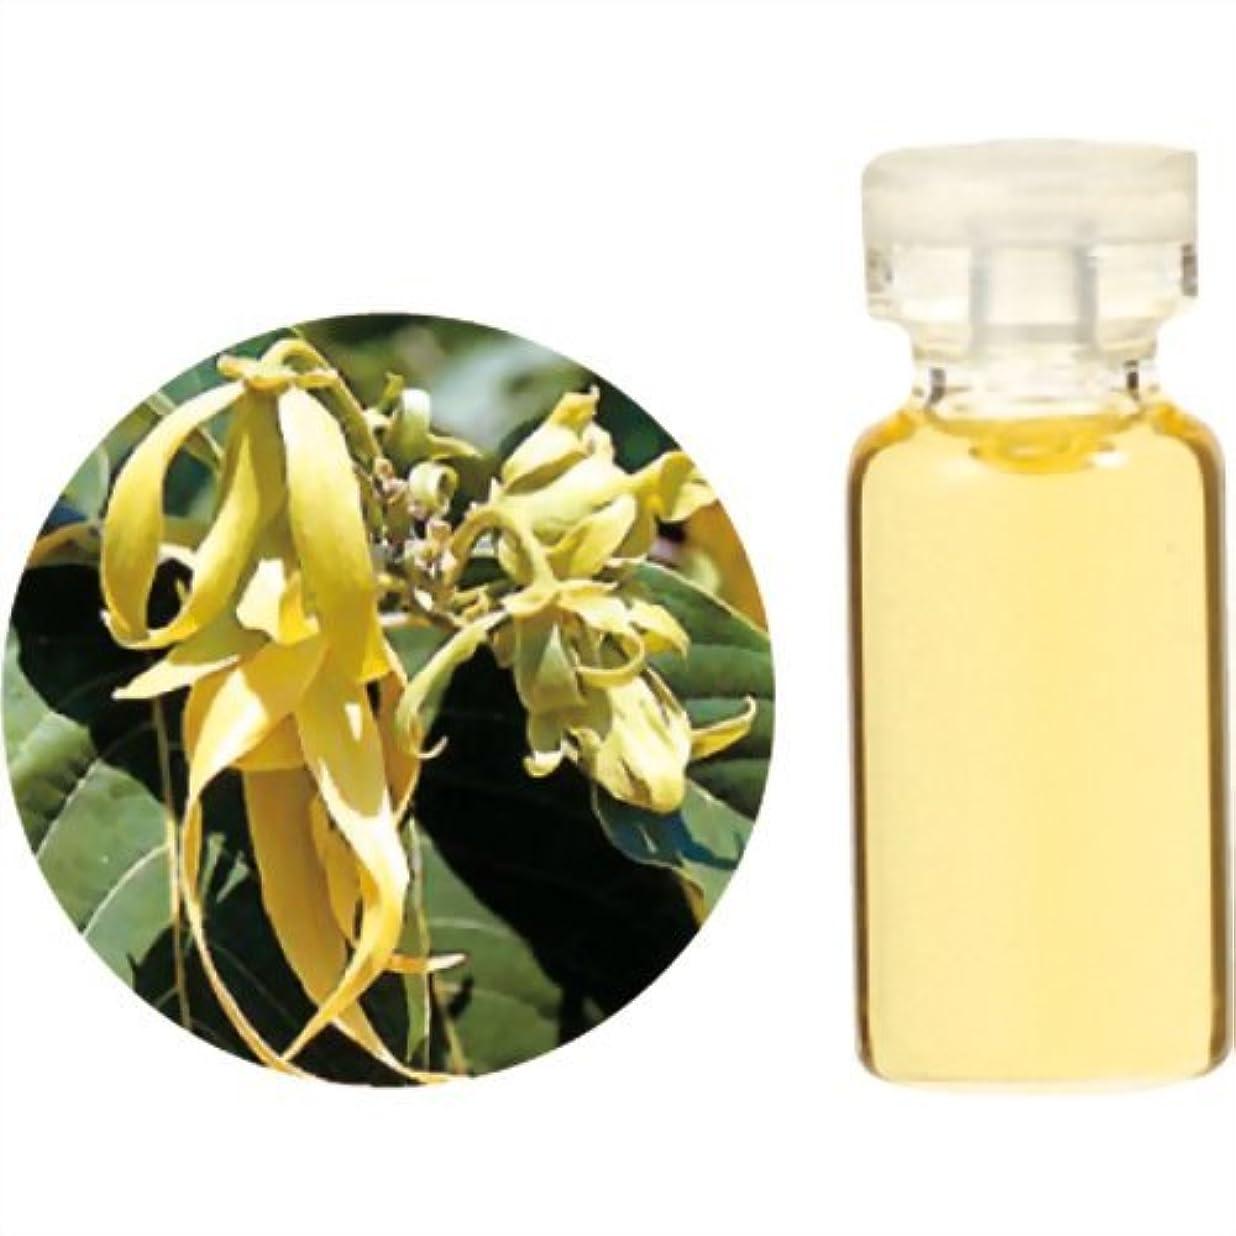 懐疑的第レジ生活の木 Herbal Life イランイラン?エクストラ 10ml